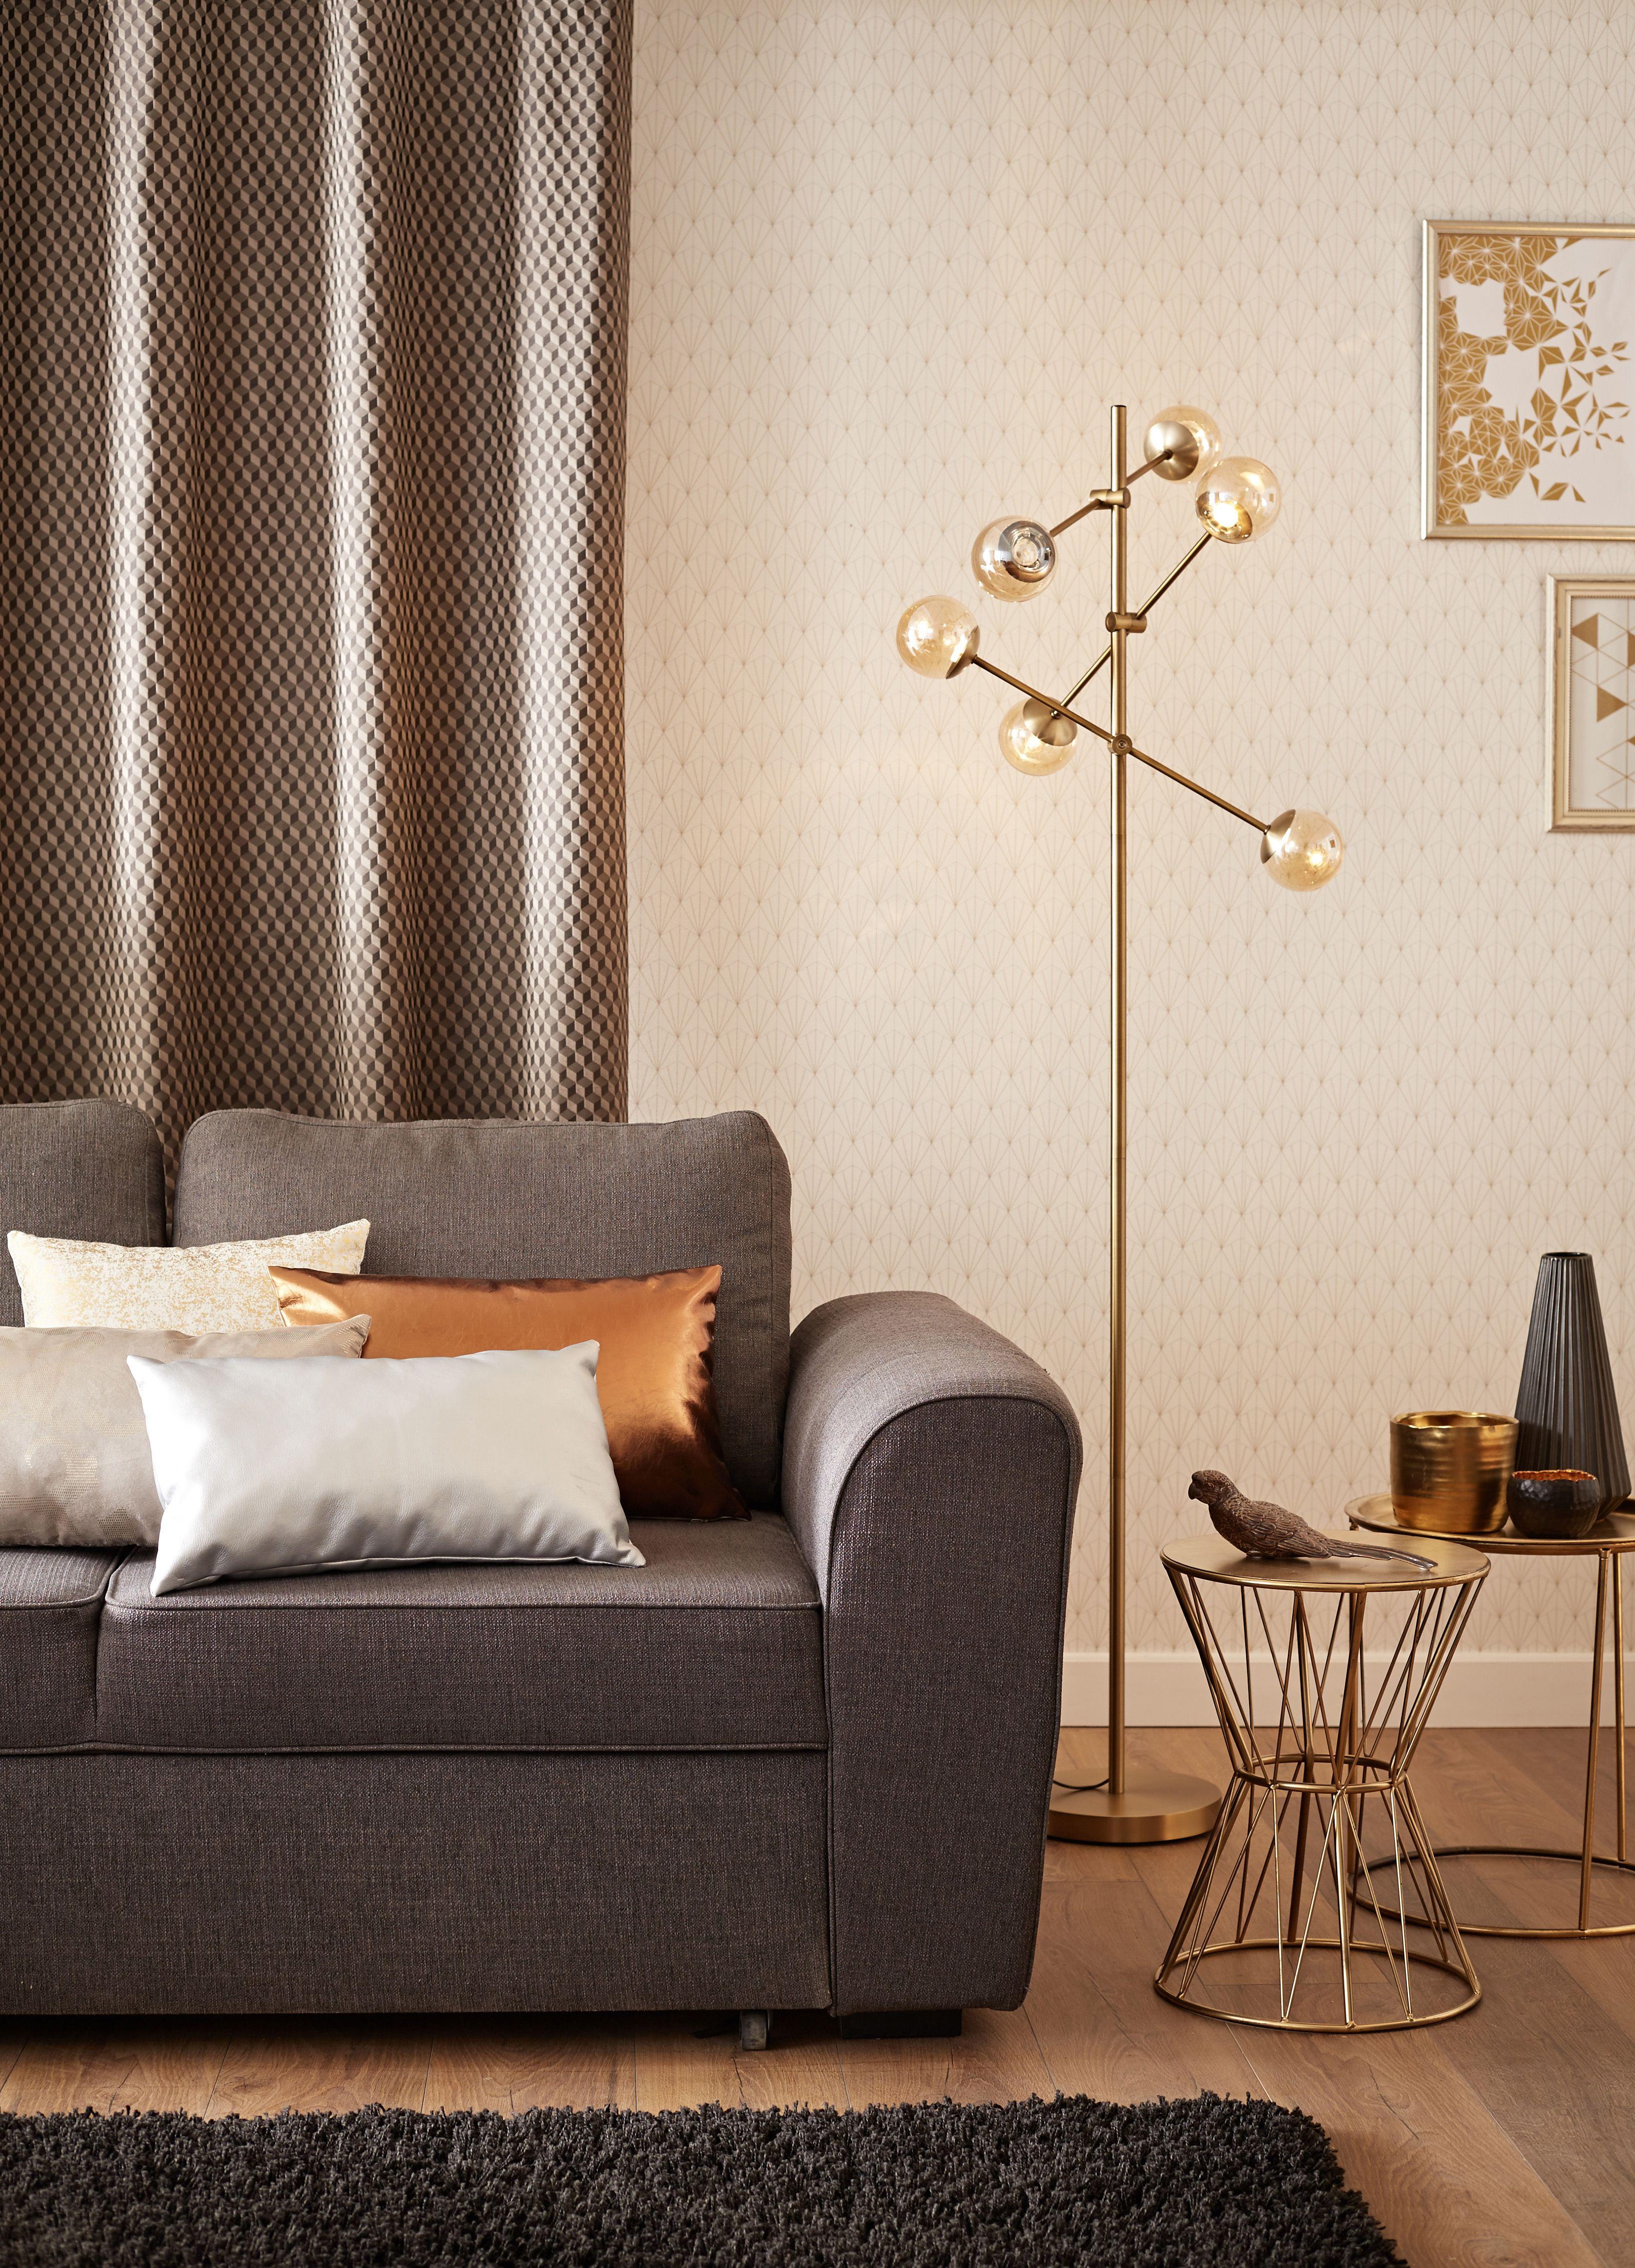 finest coussin ekokuir argent l x h cm superposez les coussins de with lampadaire salon leroy merlin. Black Bedroom Furniture Sets. Home Design Ideas